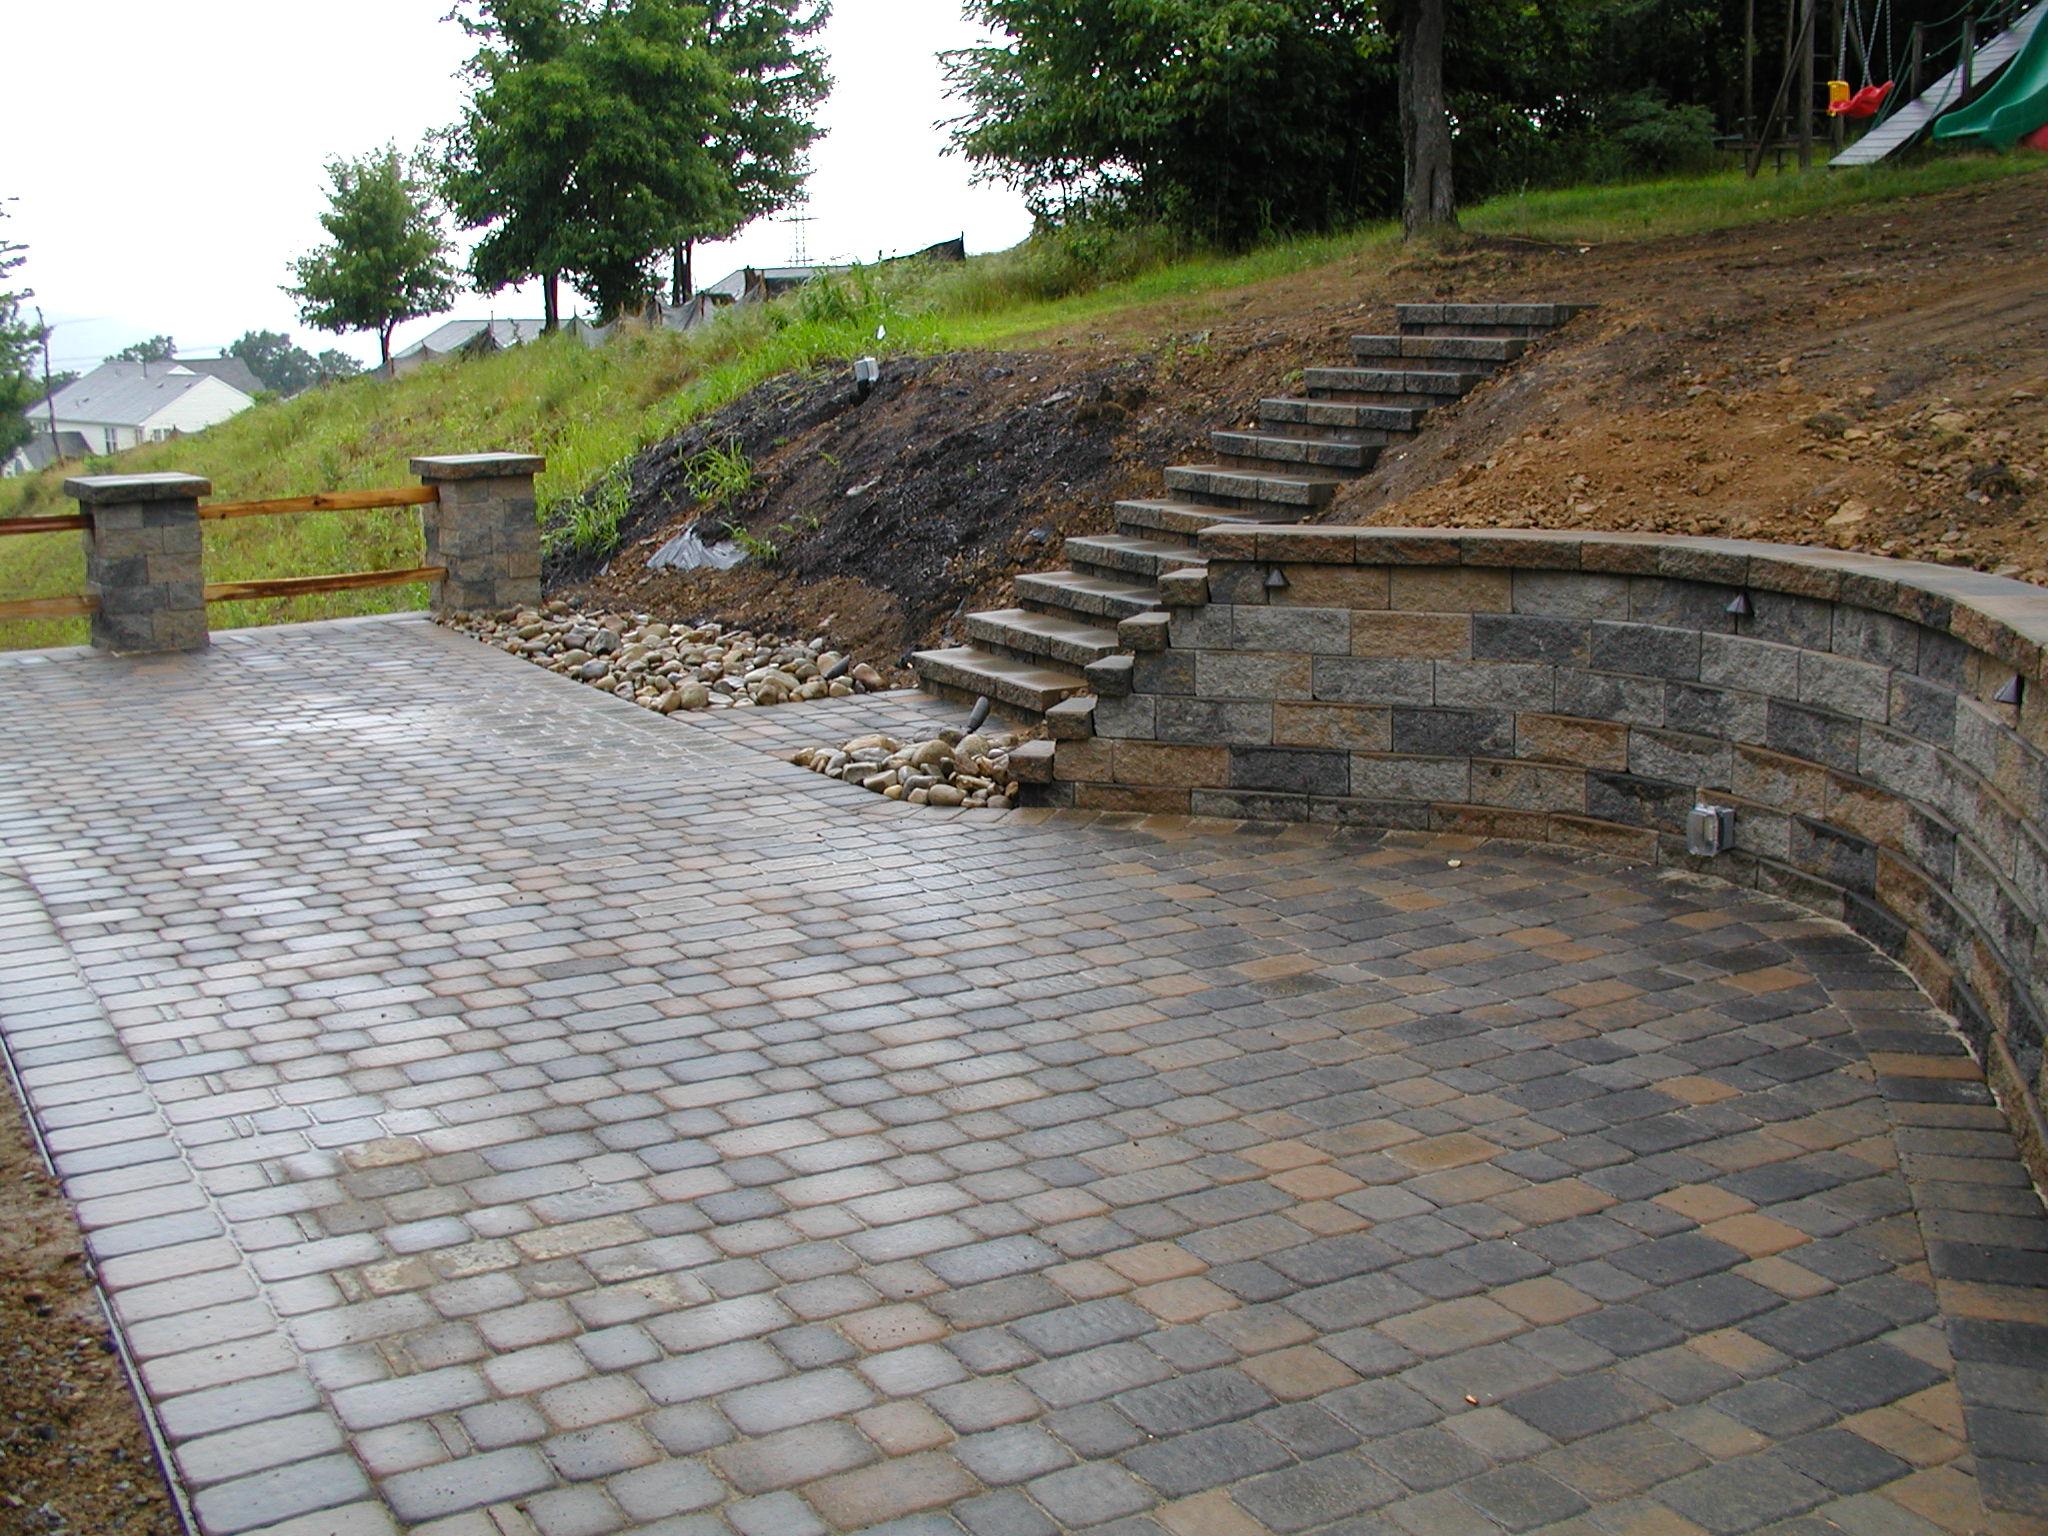 garden design ideas on a slope photo - 5